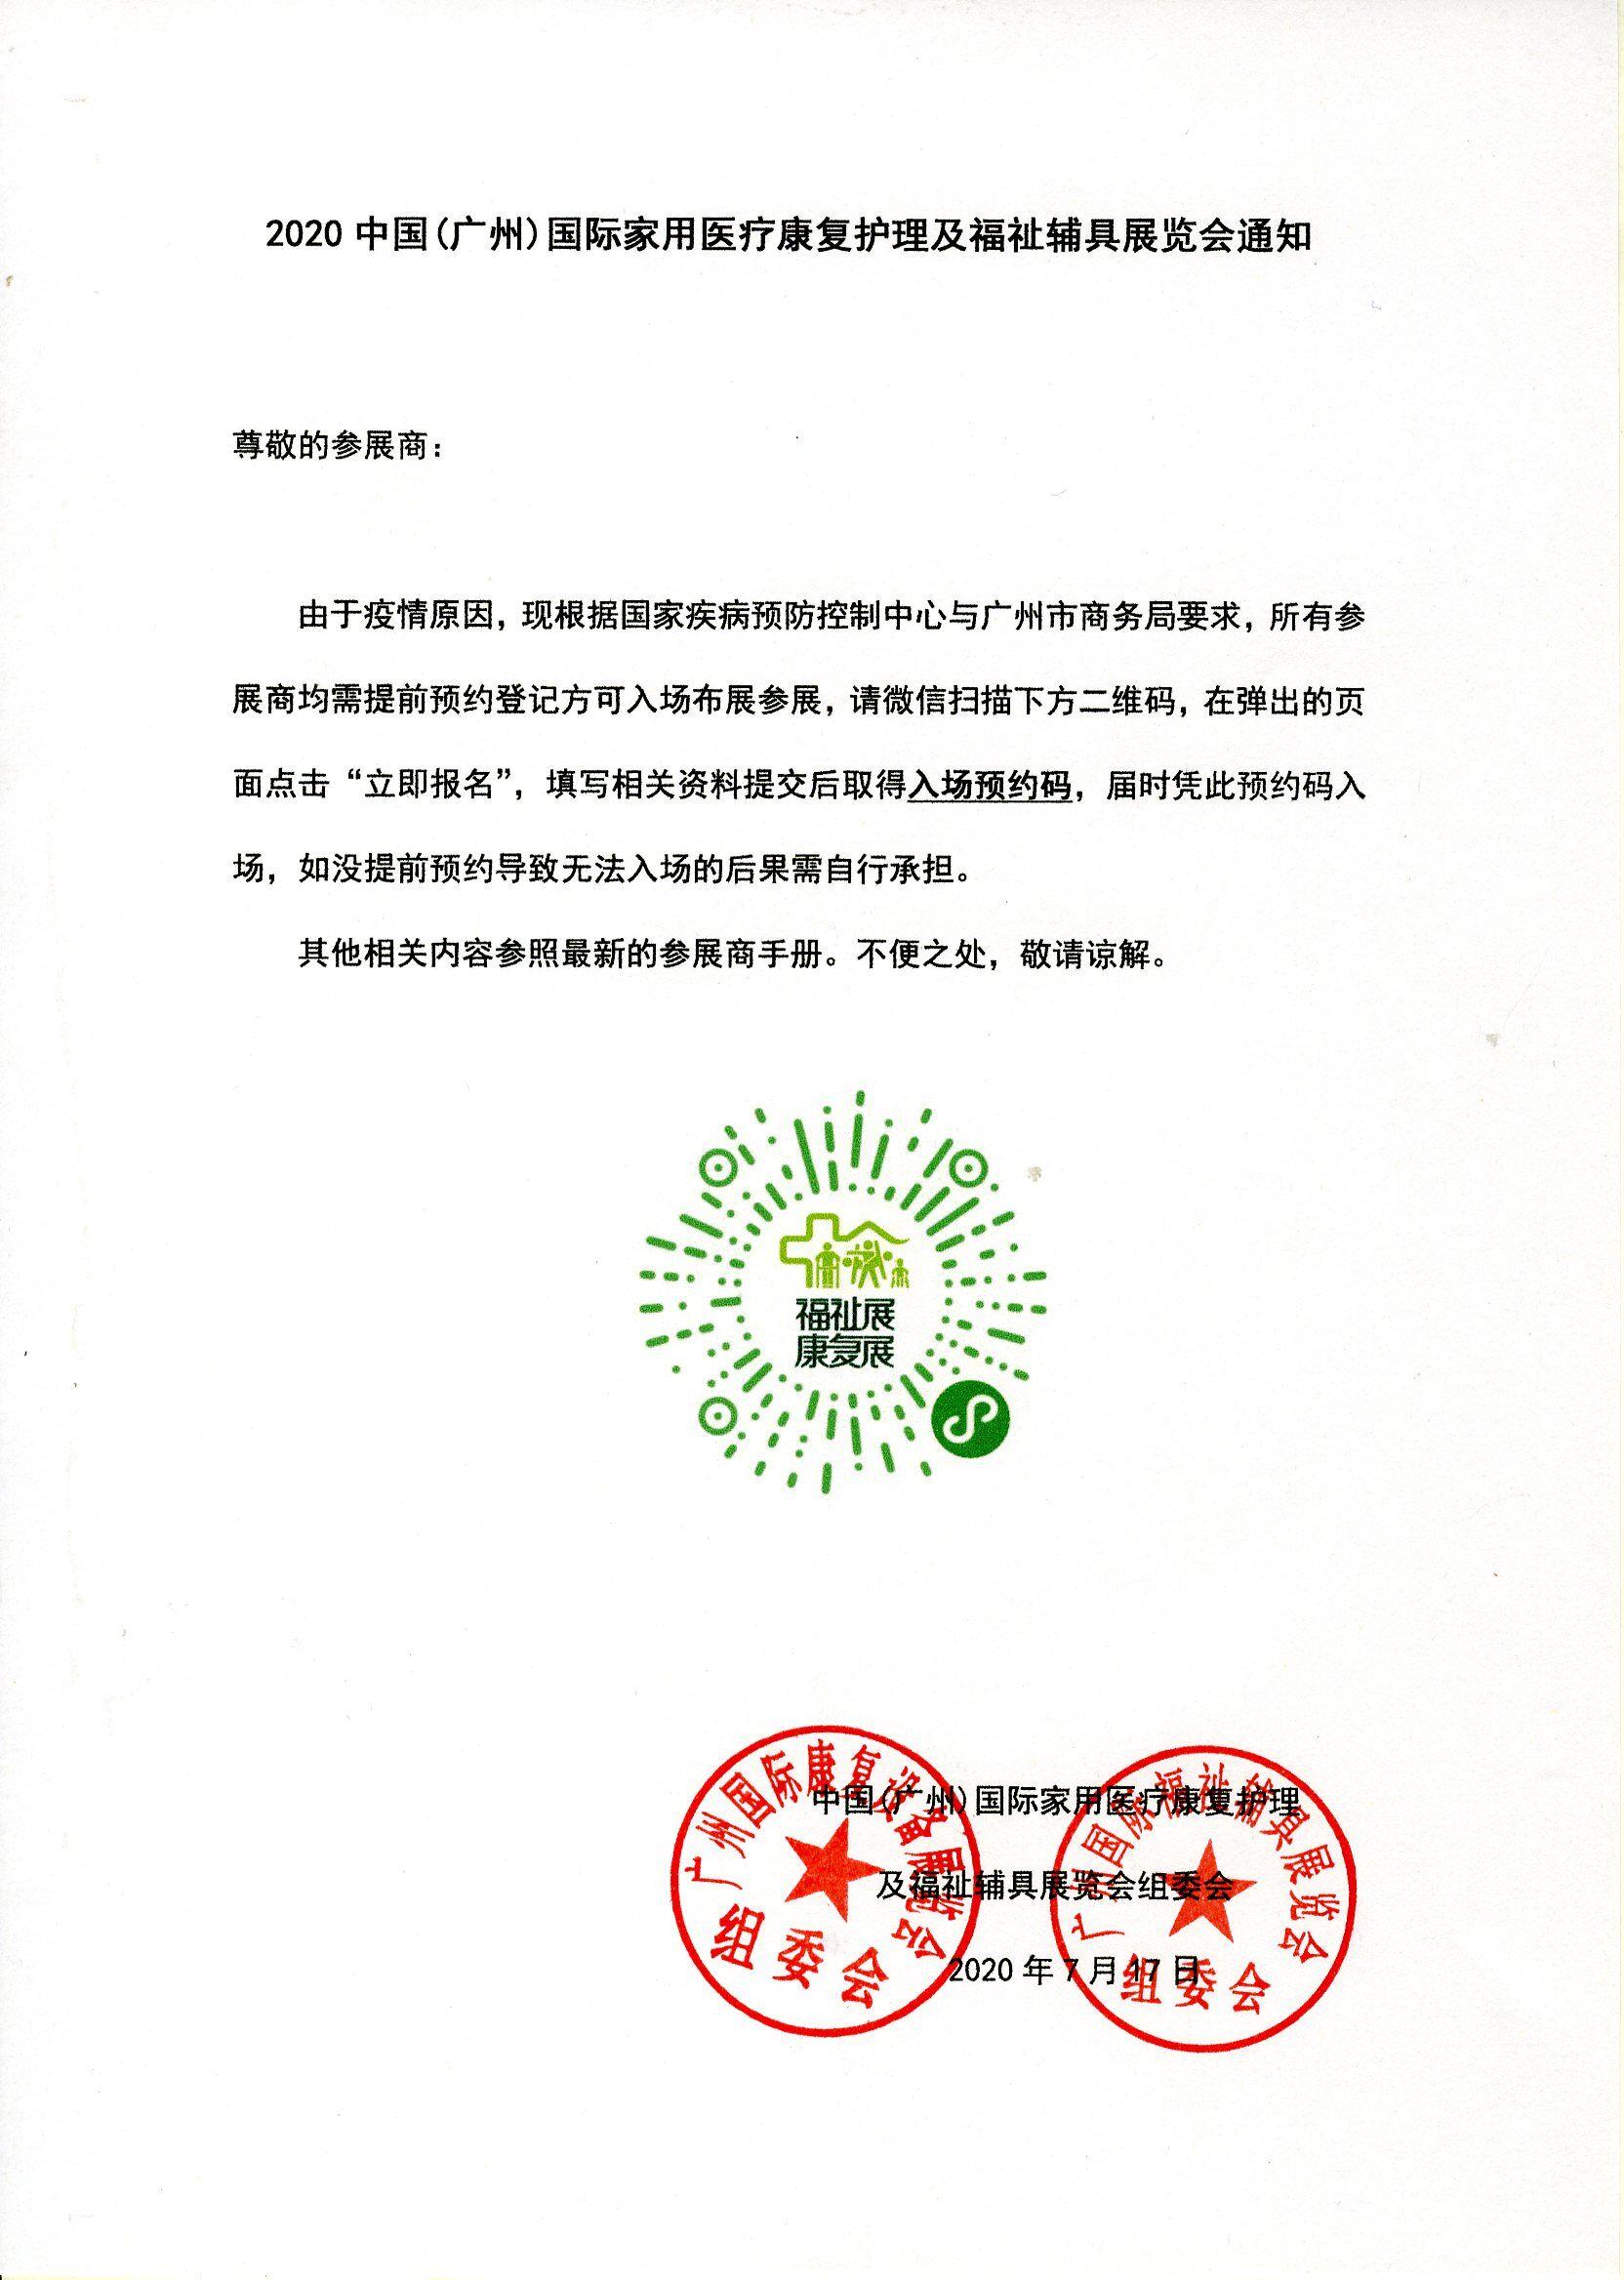 2020中国(广州)国际家用医疗康复护理及福祉辅具展览会通知